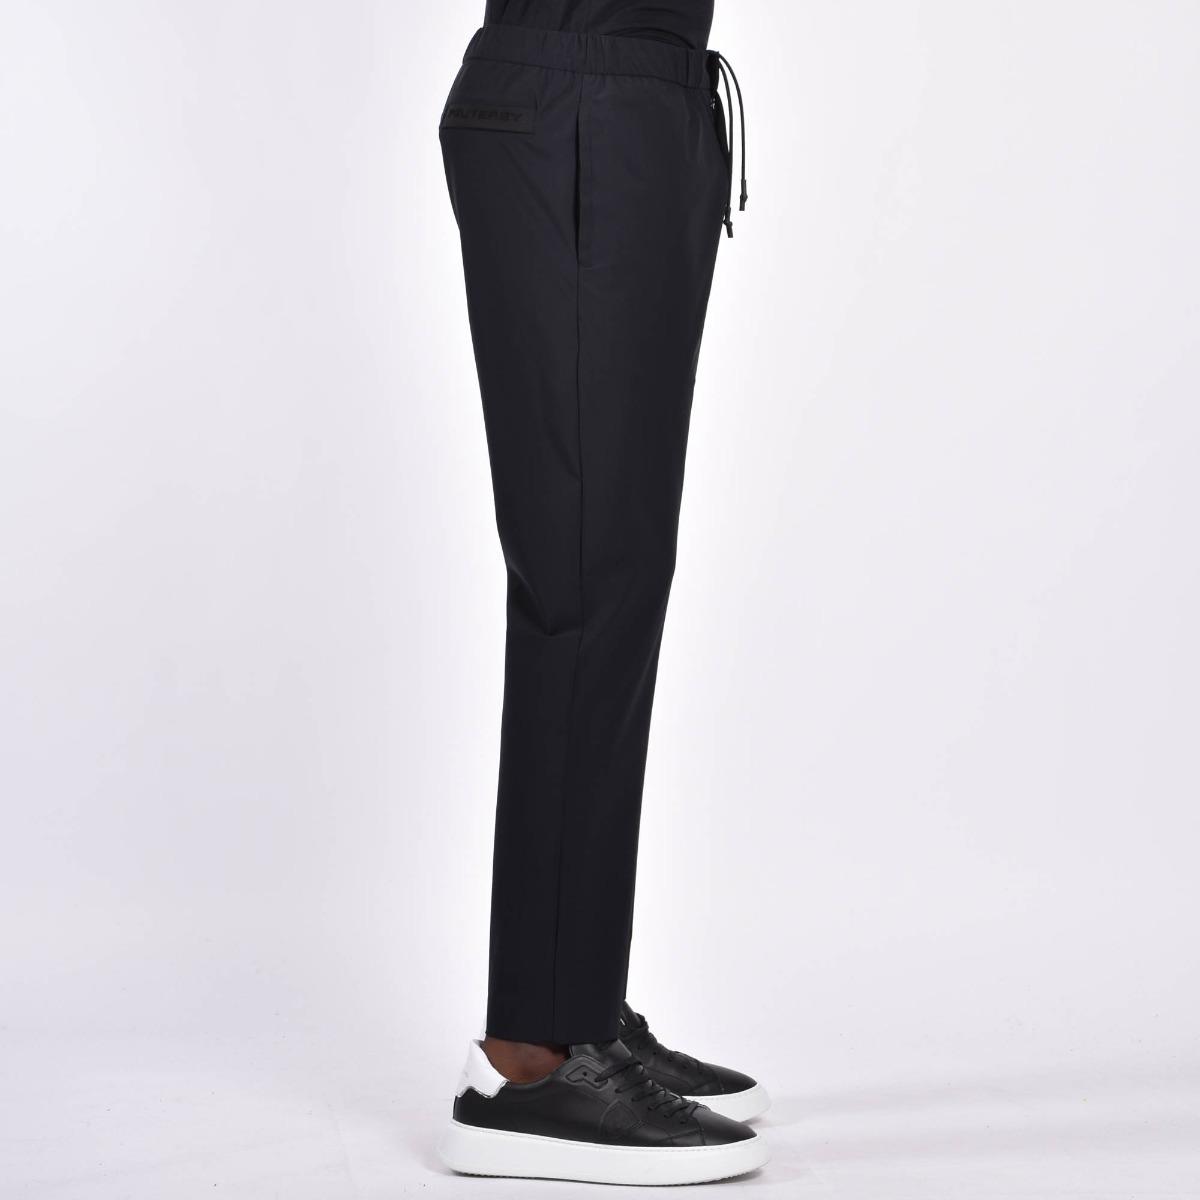 Pantalone otto ksk - Nero